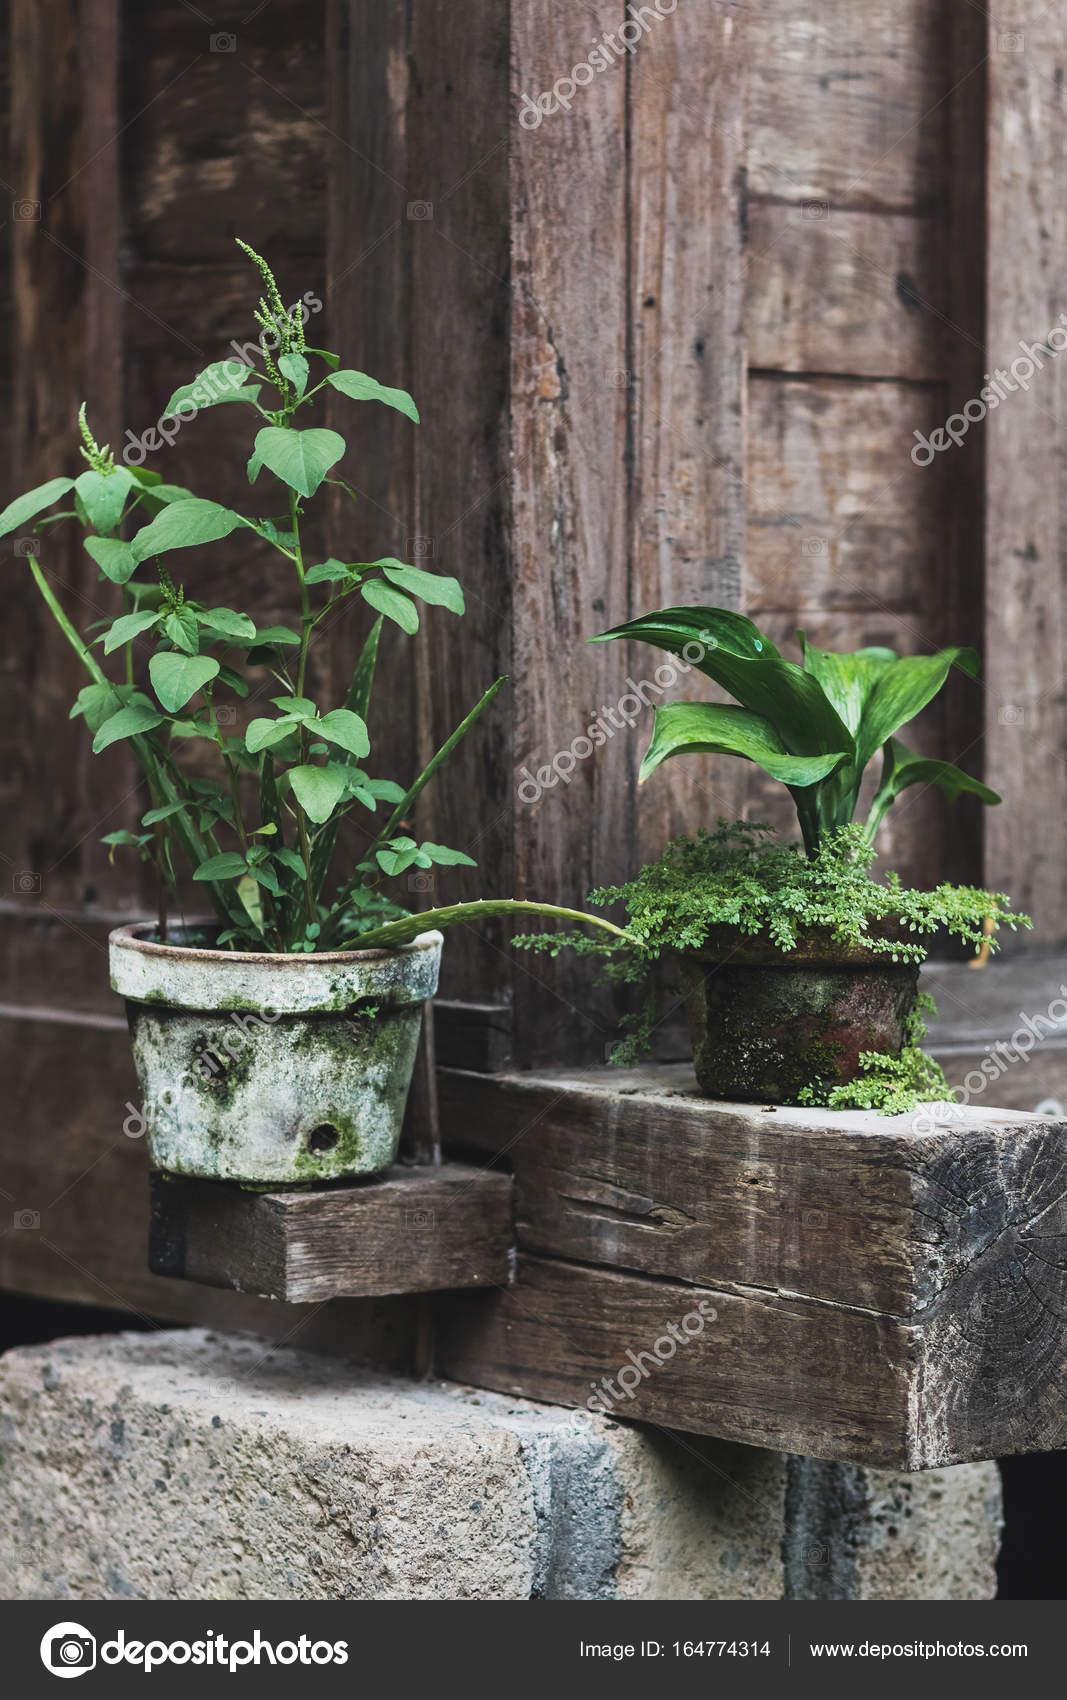 Dekoration des Hauses mit Pflanzen in Töpfen — Stockfoto ...